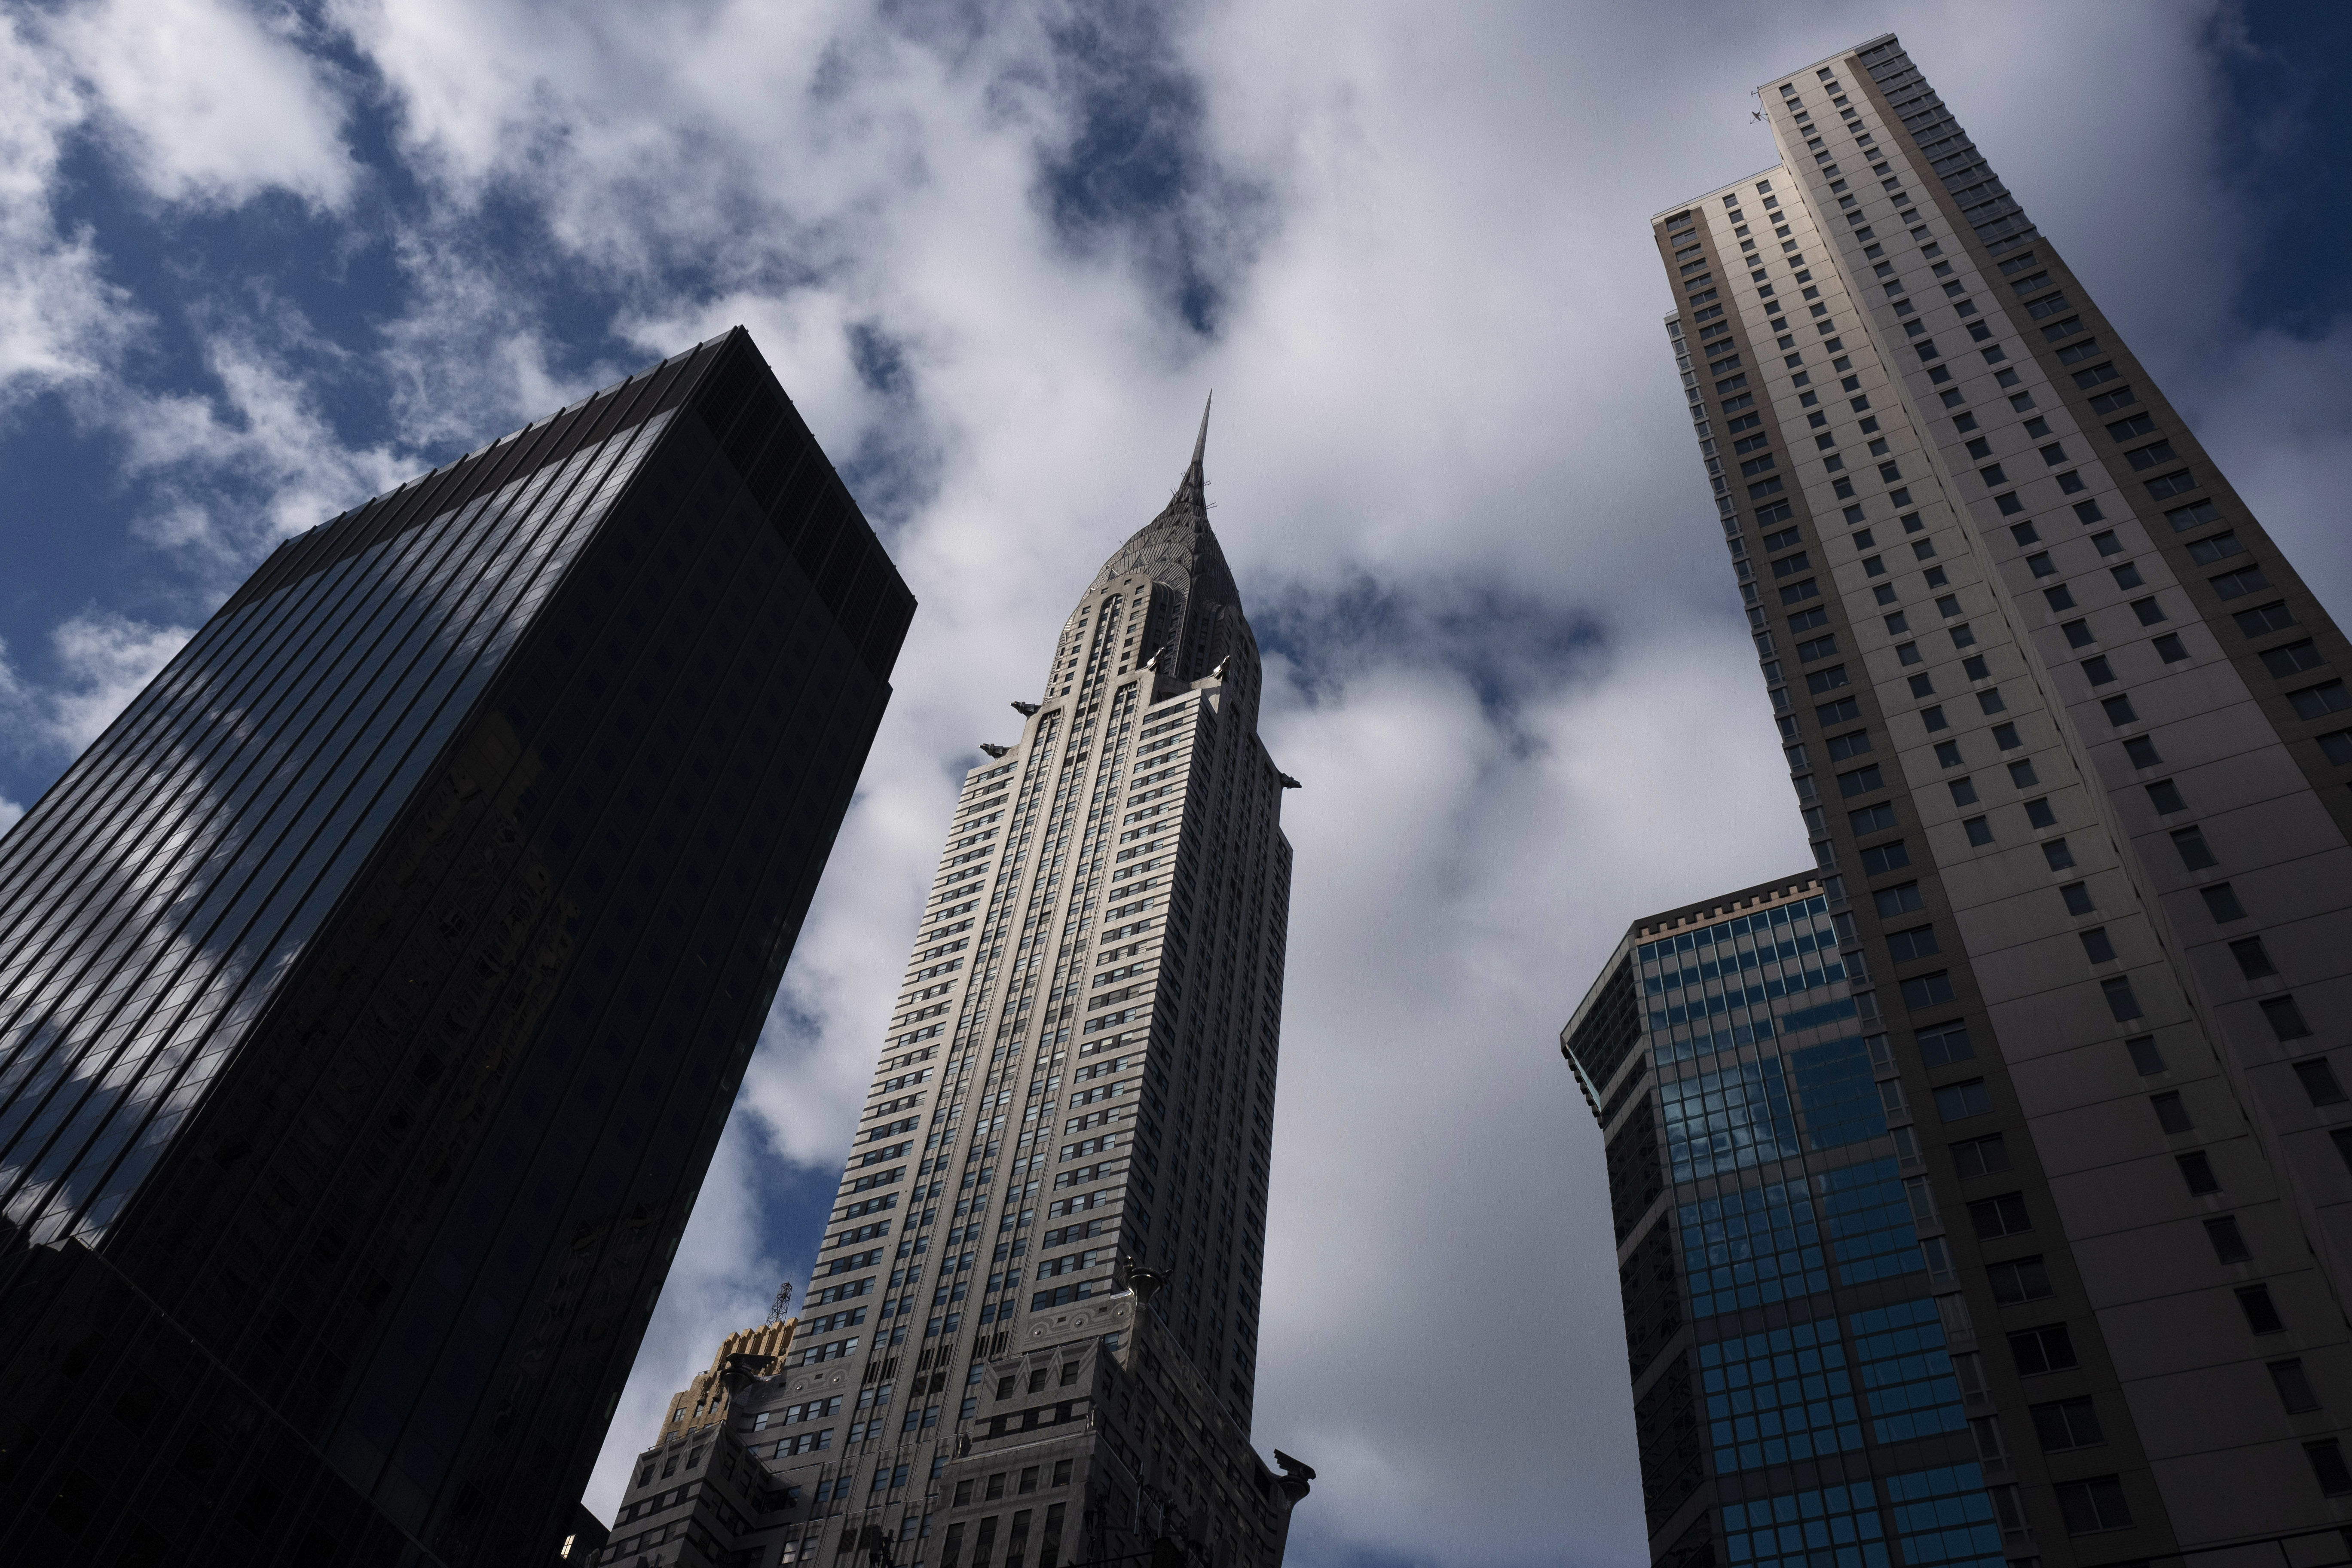 El Edificio Chrysler, centro, junto a otros rascacielos en el centro de Manhattan, el miércoles 9 de enero de 2019 en Nueva York. (AP Foto/Mark Lennihan)